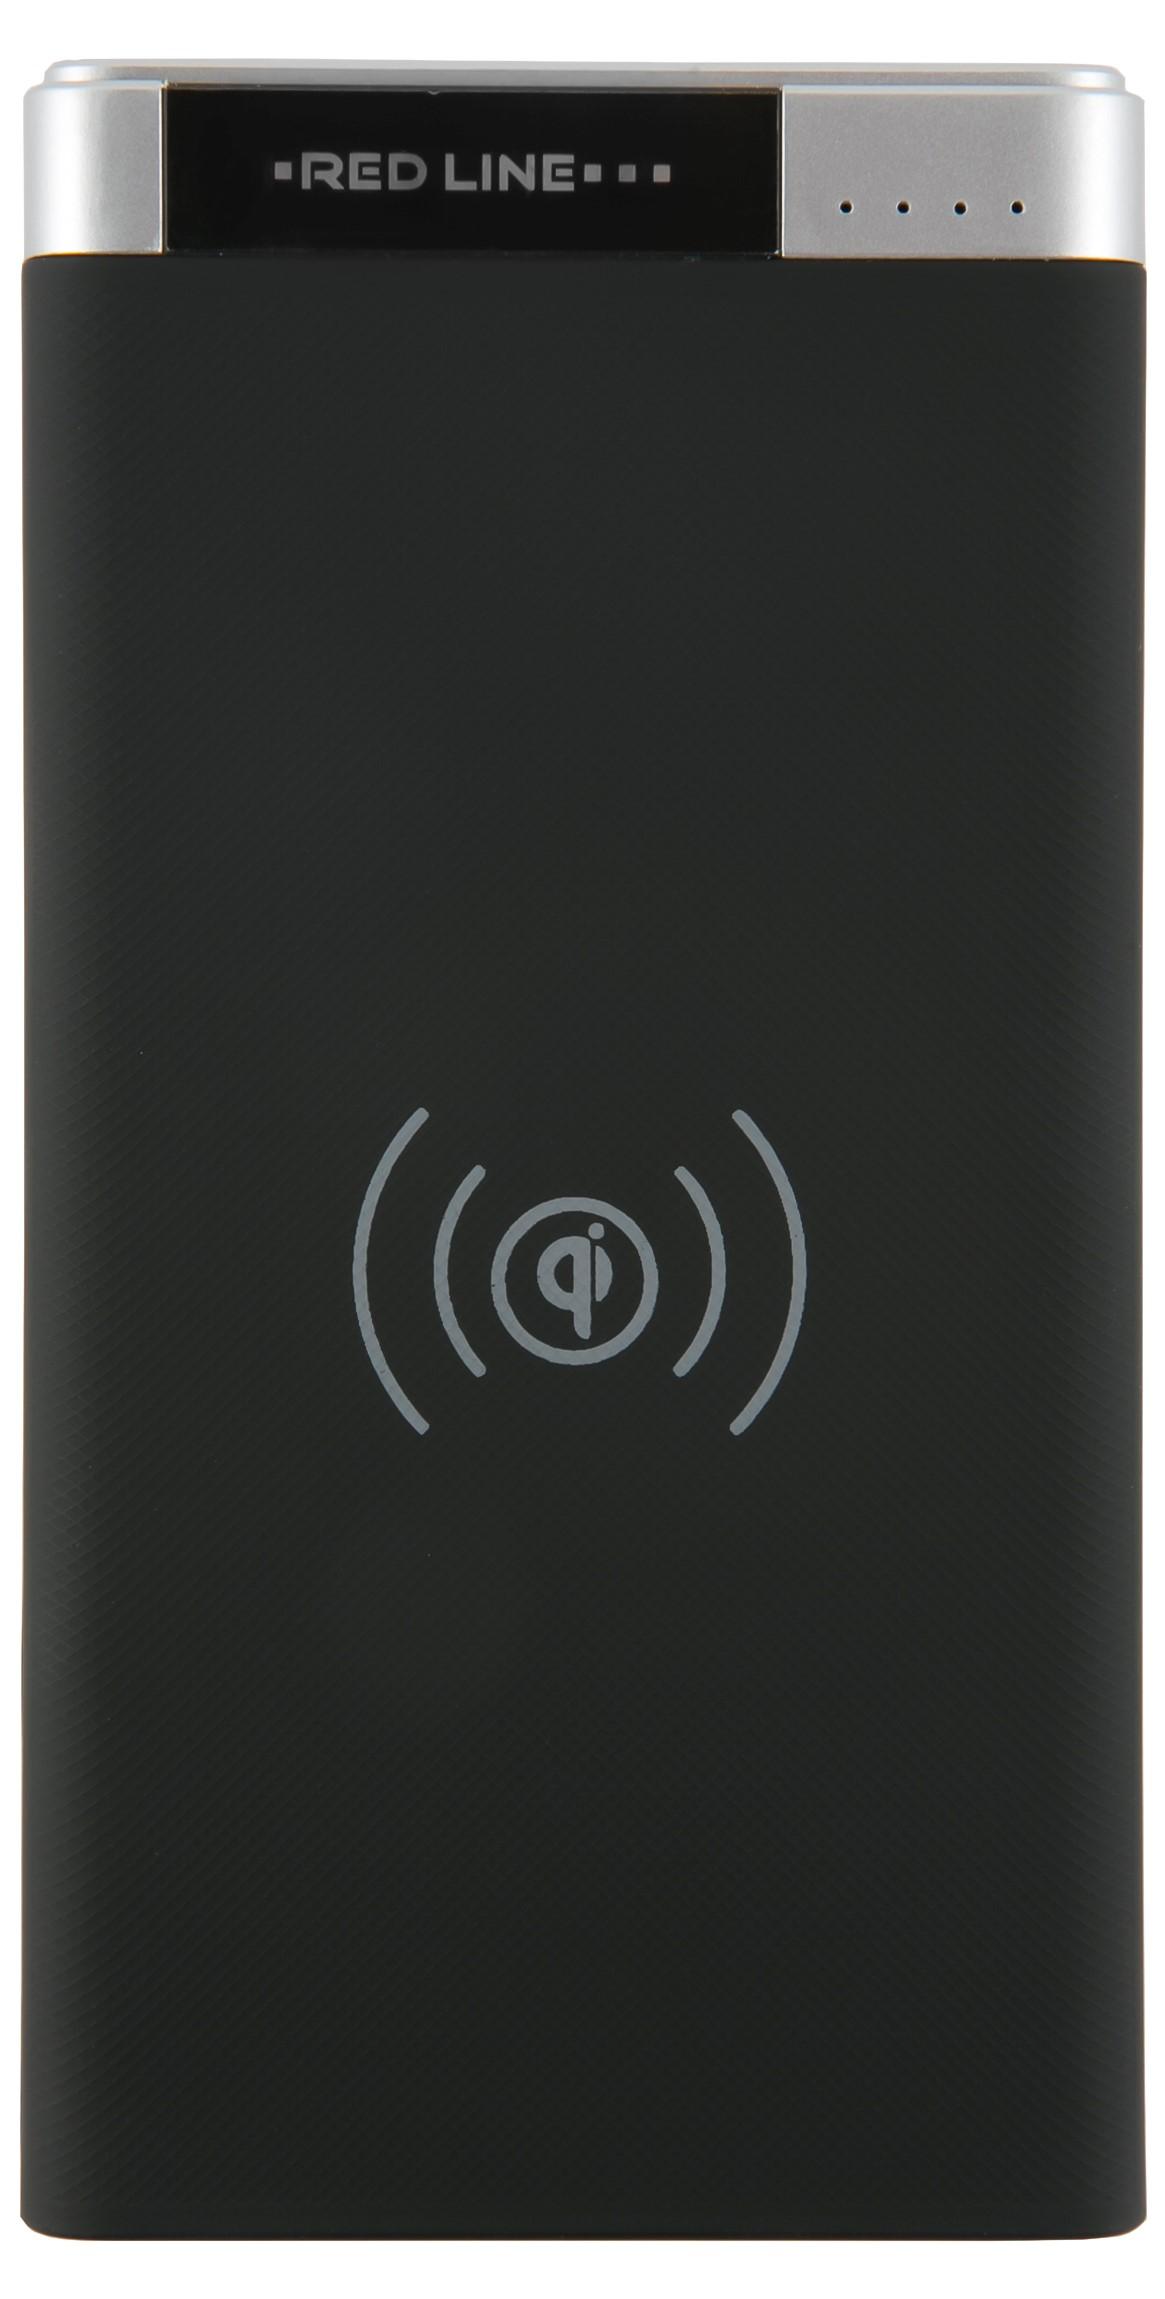 все цены на Внешний аккумулятор RedLine WS-T20 6000 mAh с функцией беспроводной зарядки black онлайн